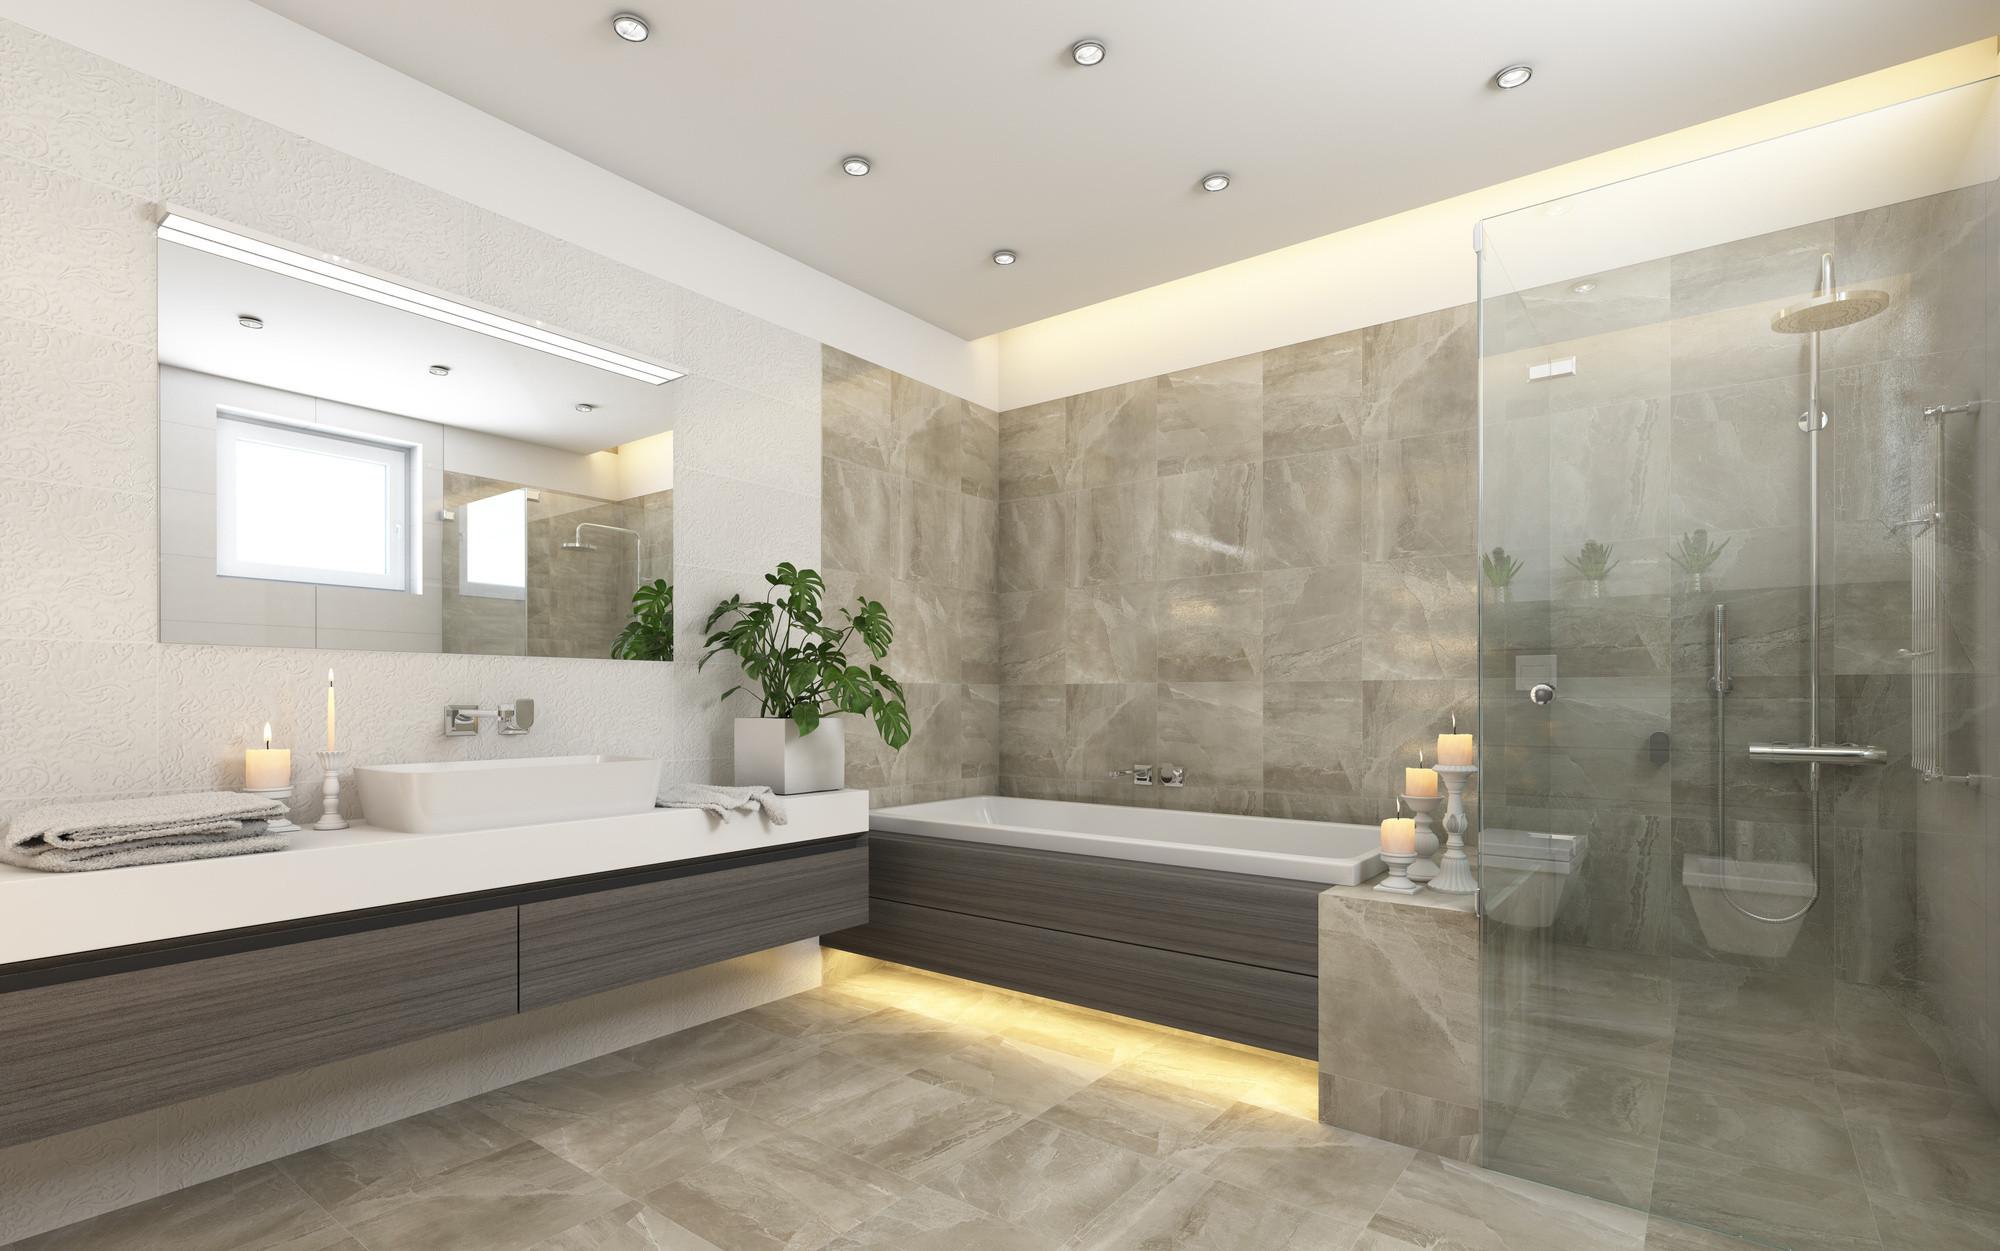 Design A Bathroom  10 mon Features of Luxury Bathroom Designs